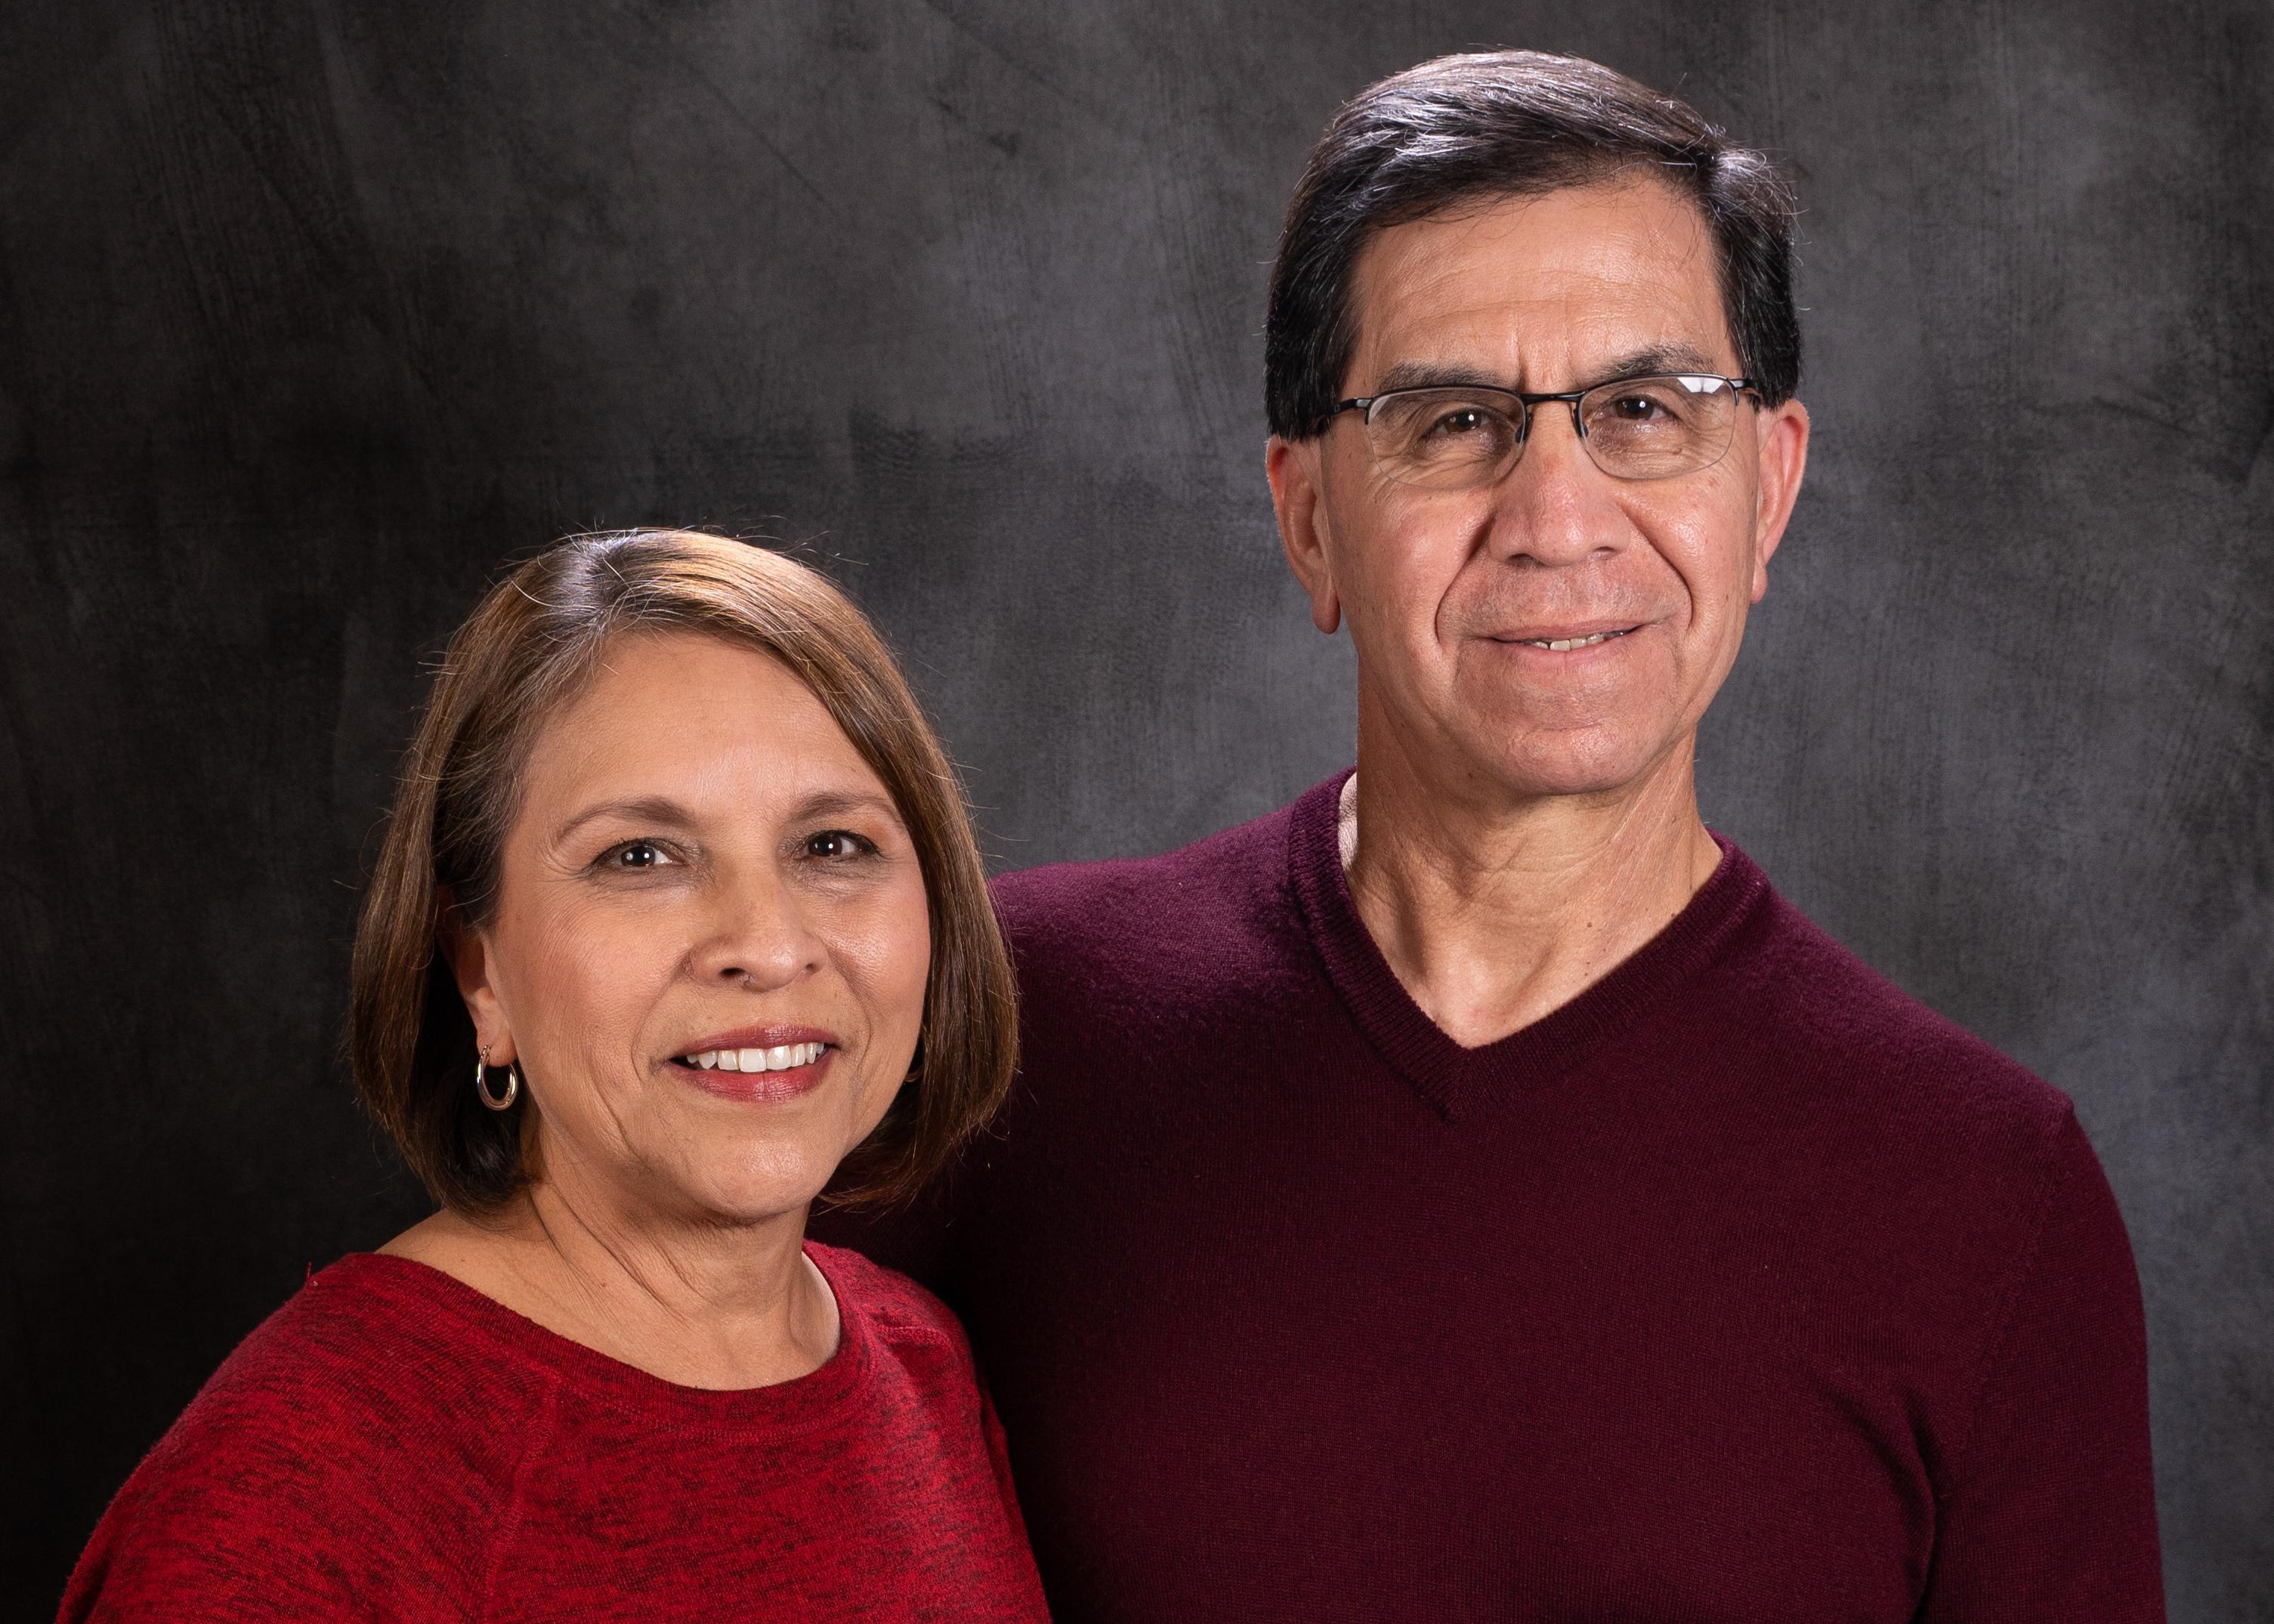 Robert and Angie Deharo